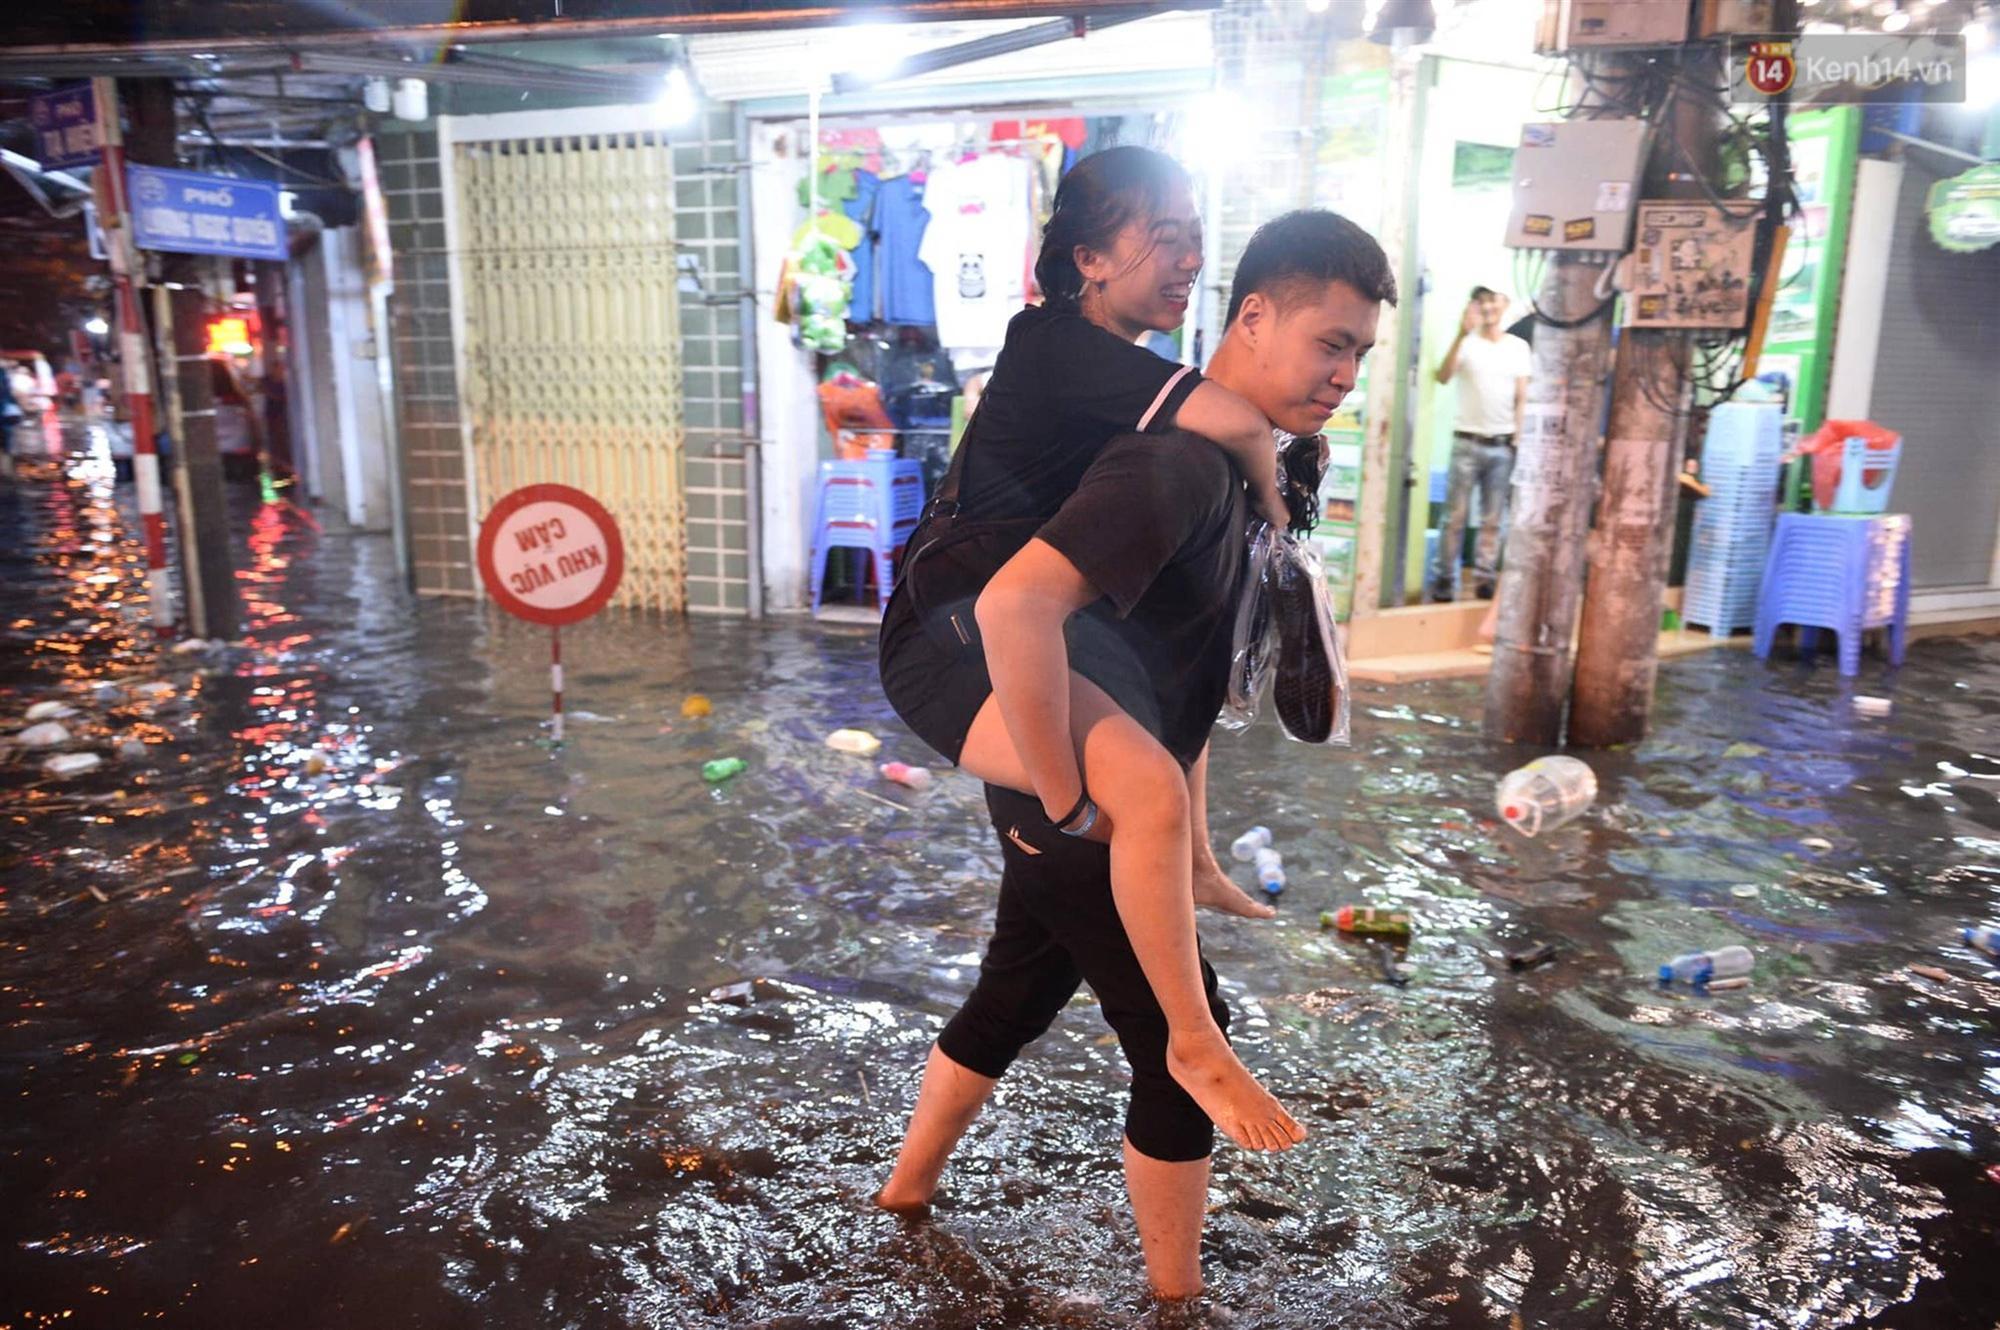 Hà Nội: Phố tây Tạ Hiện - Lương Ngọc Quyến mênh mông nước, nhiều cặp đôi phải cõng nhau di chuyển-8